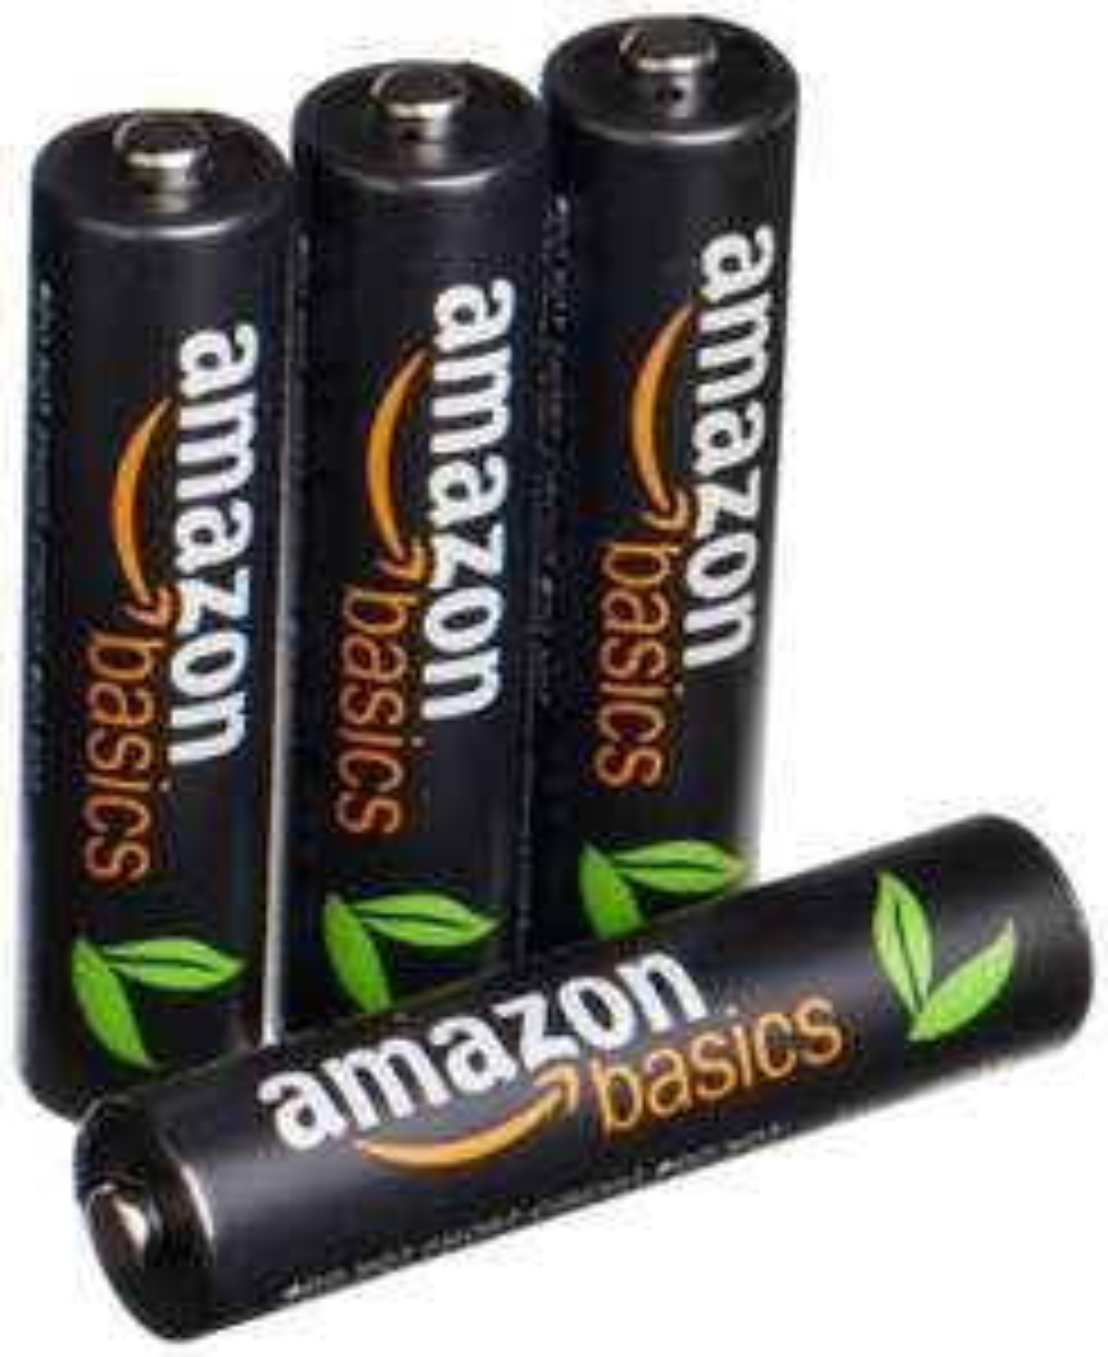 Lot de 4 piles rechargeables AmazonBasics - Type AAA, Ni-MH 850 mAh